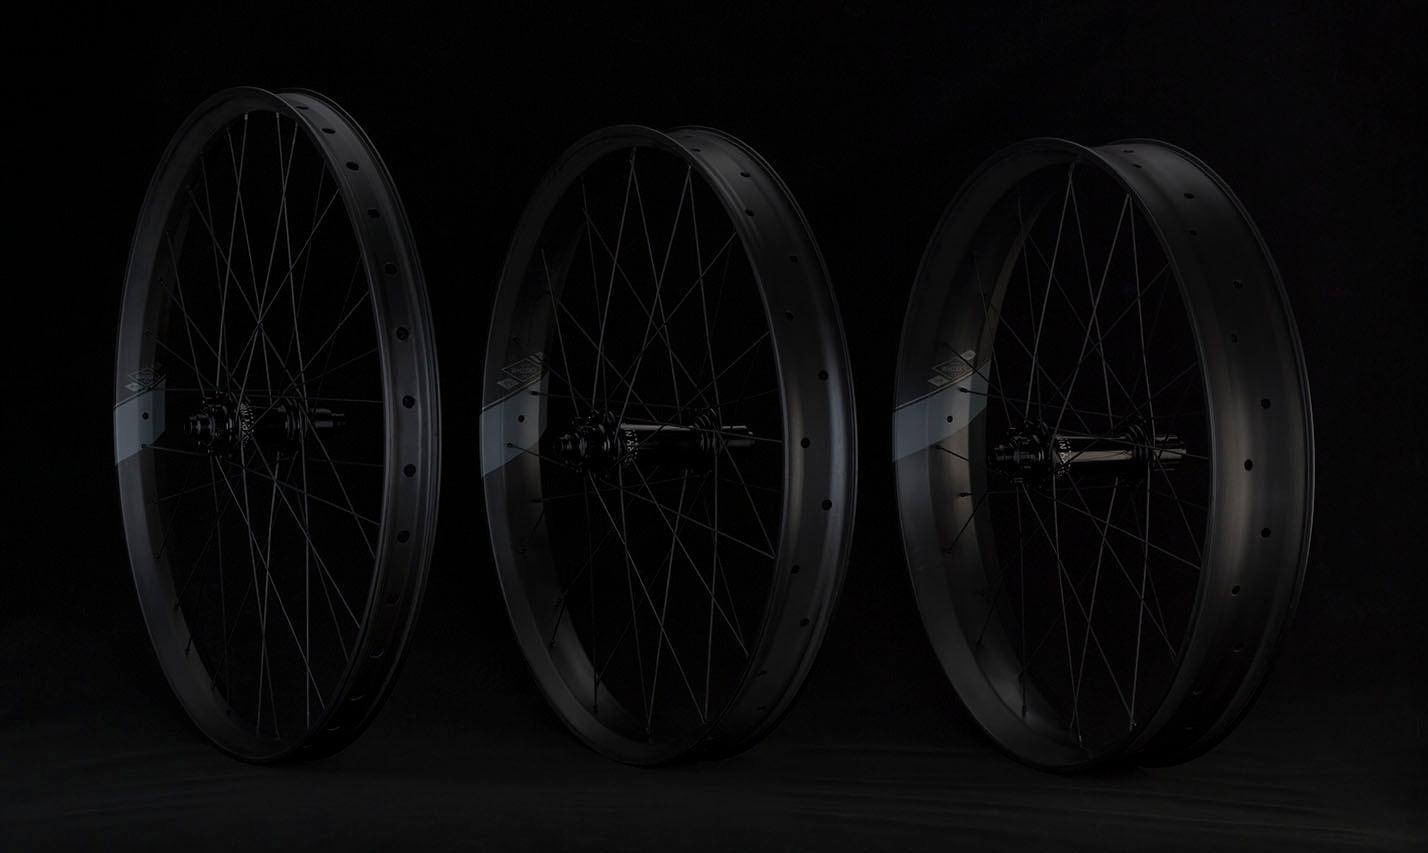 WSK_No9_50w-70w-100w_Wheelsets_1440x860